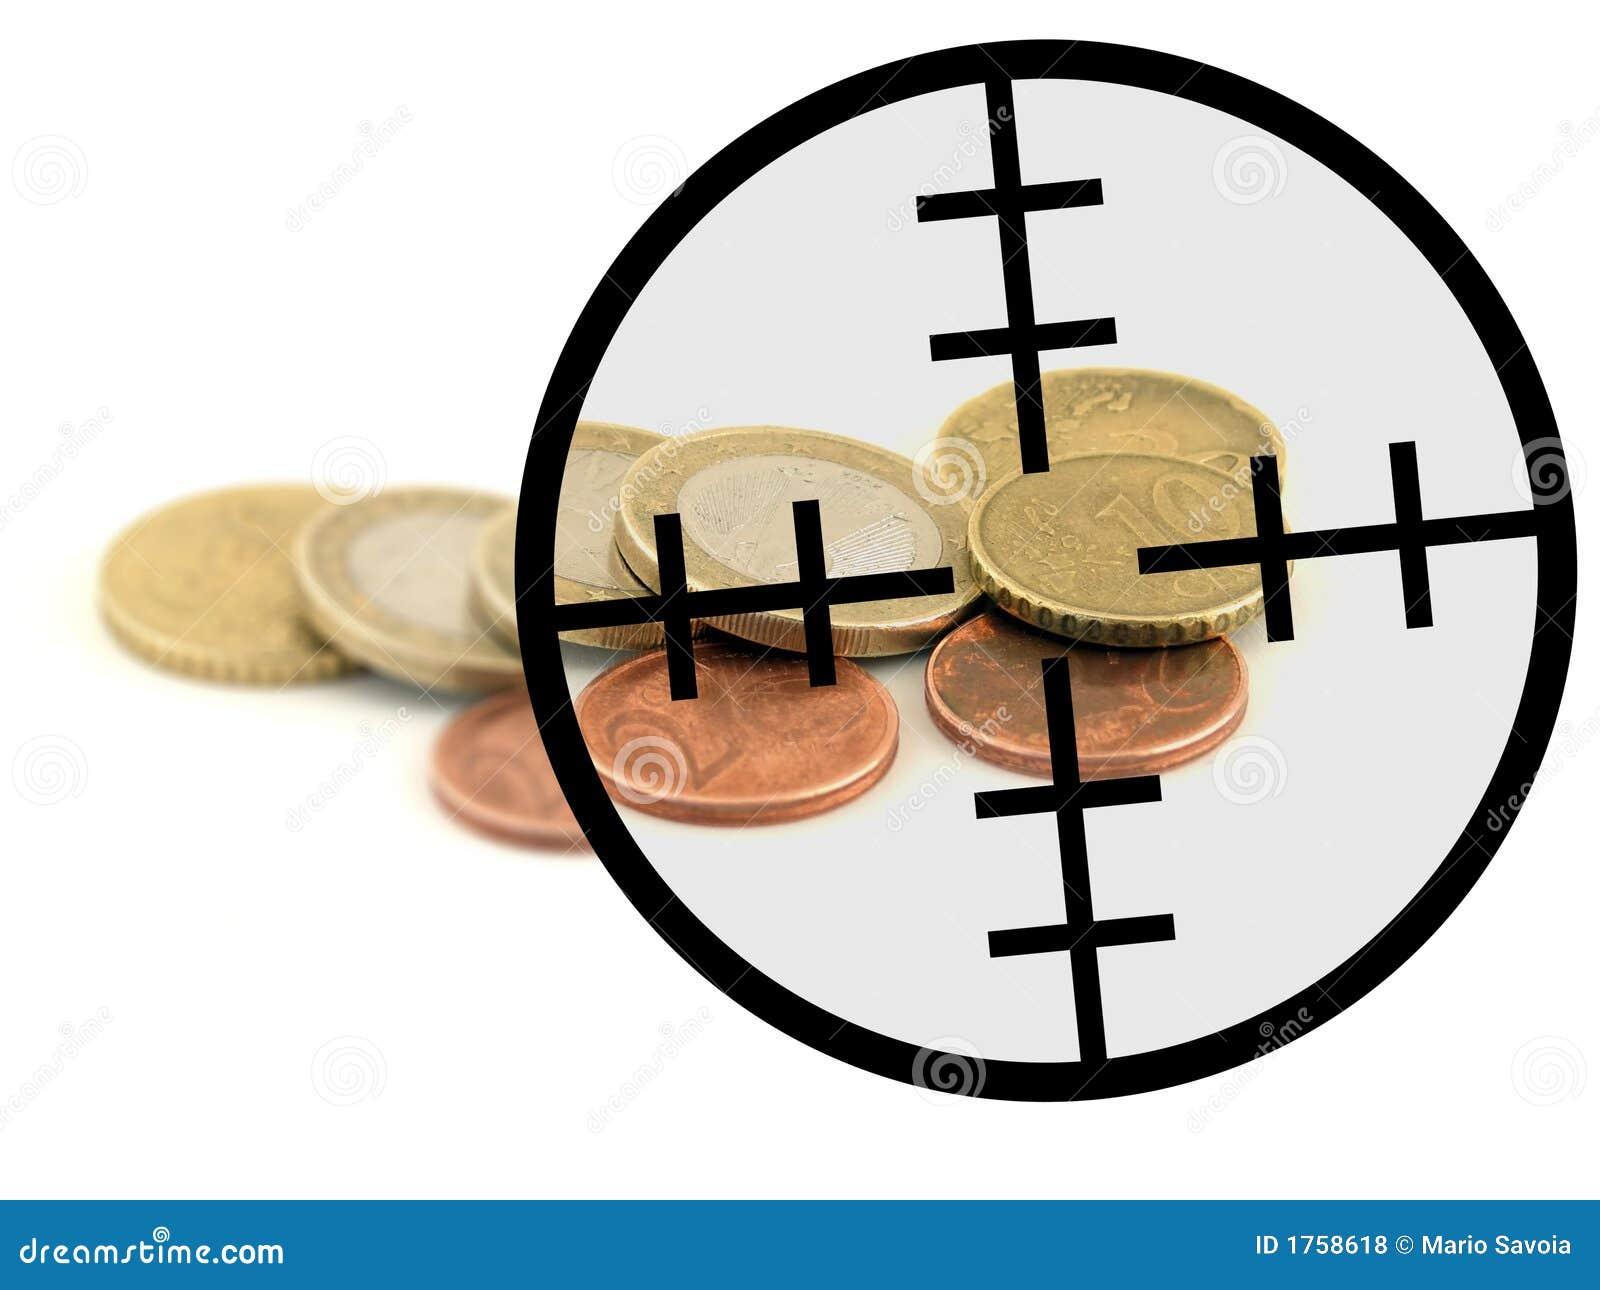 El tomar tiene como objetivo euro